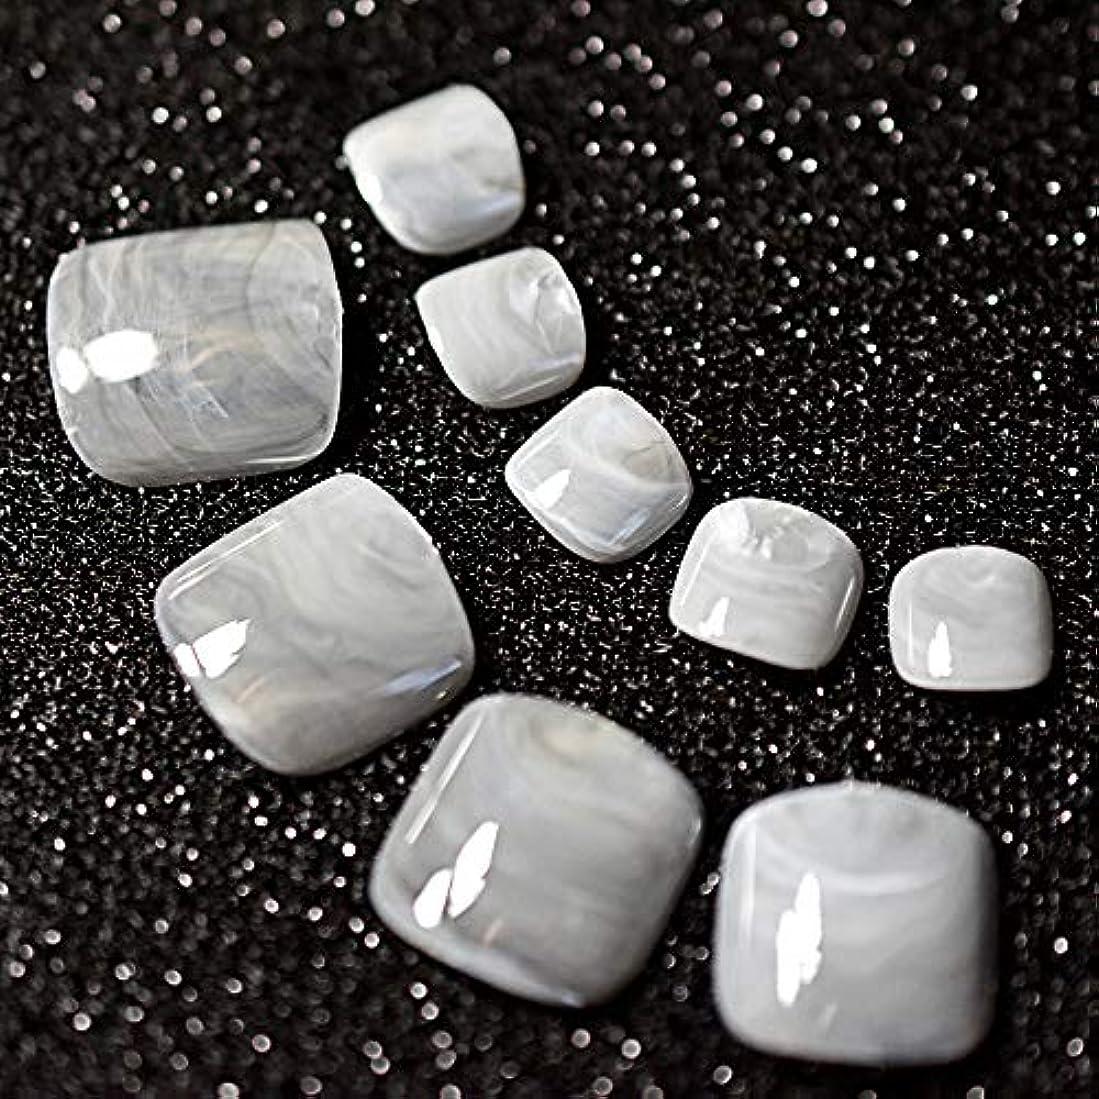 去るシャベルアジアXUTXZKA 24ピースグレー大理石の足の爪偽の人工足の爪足の化粧の装飾のためのヒント